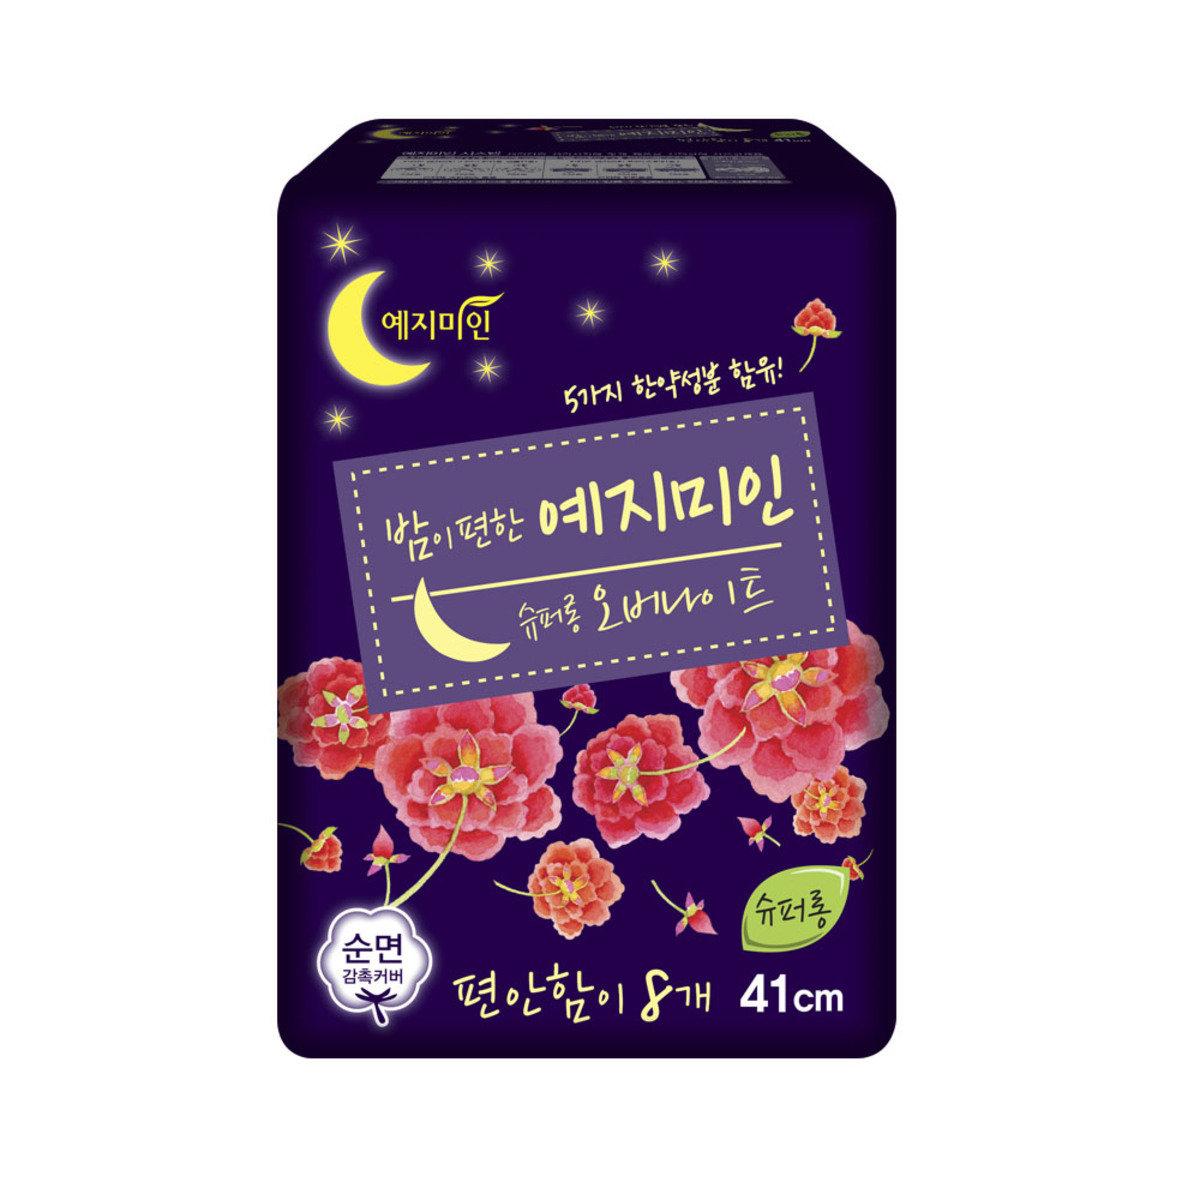 韓國漢方衛生巾 - 棉柔純香特長夜用 41CM 8片裝